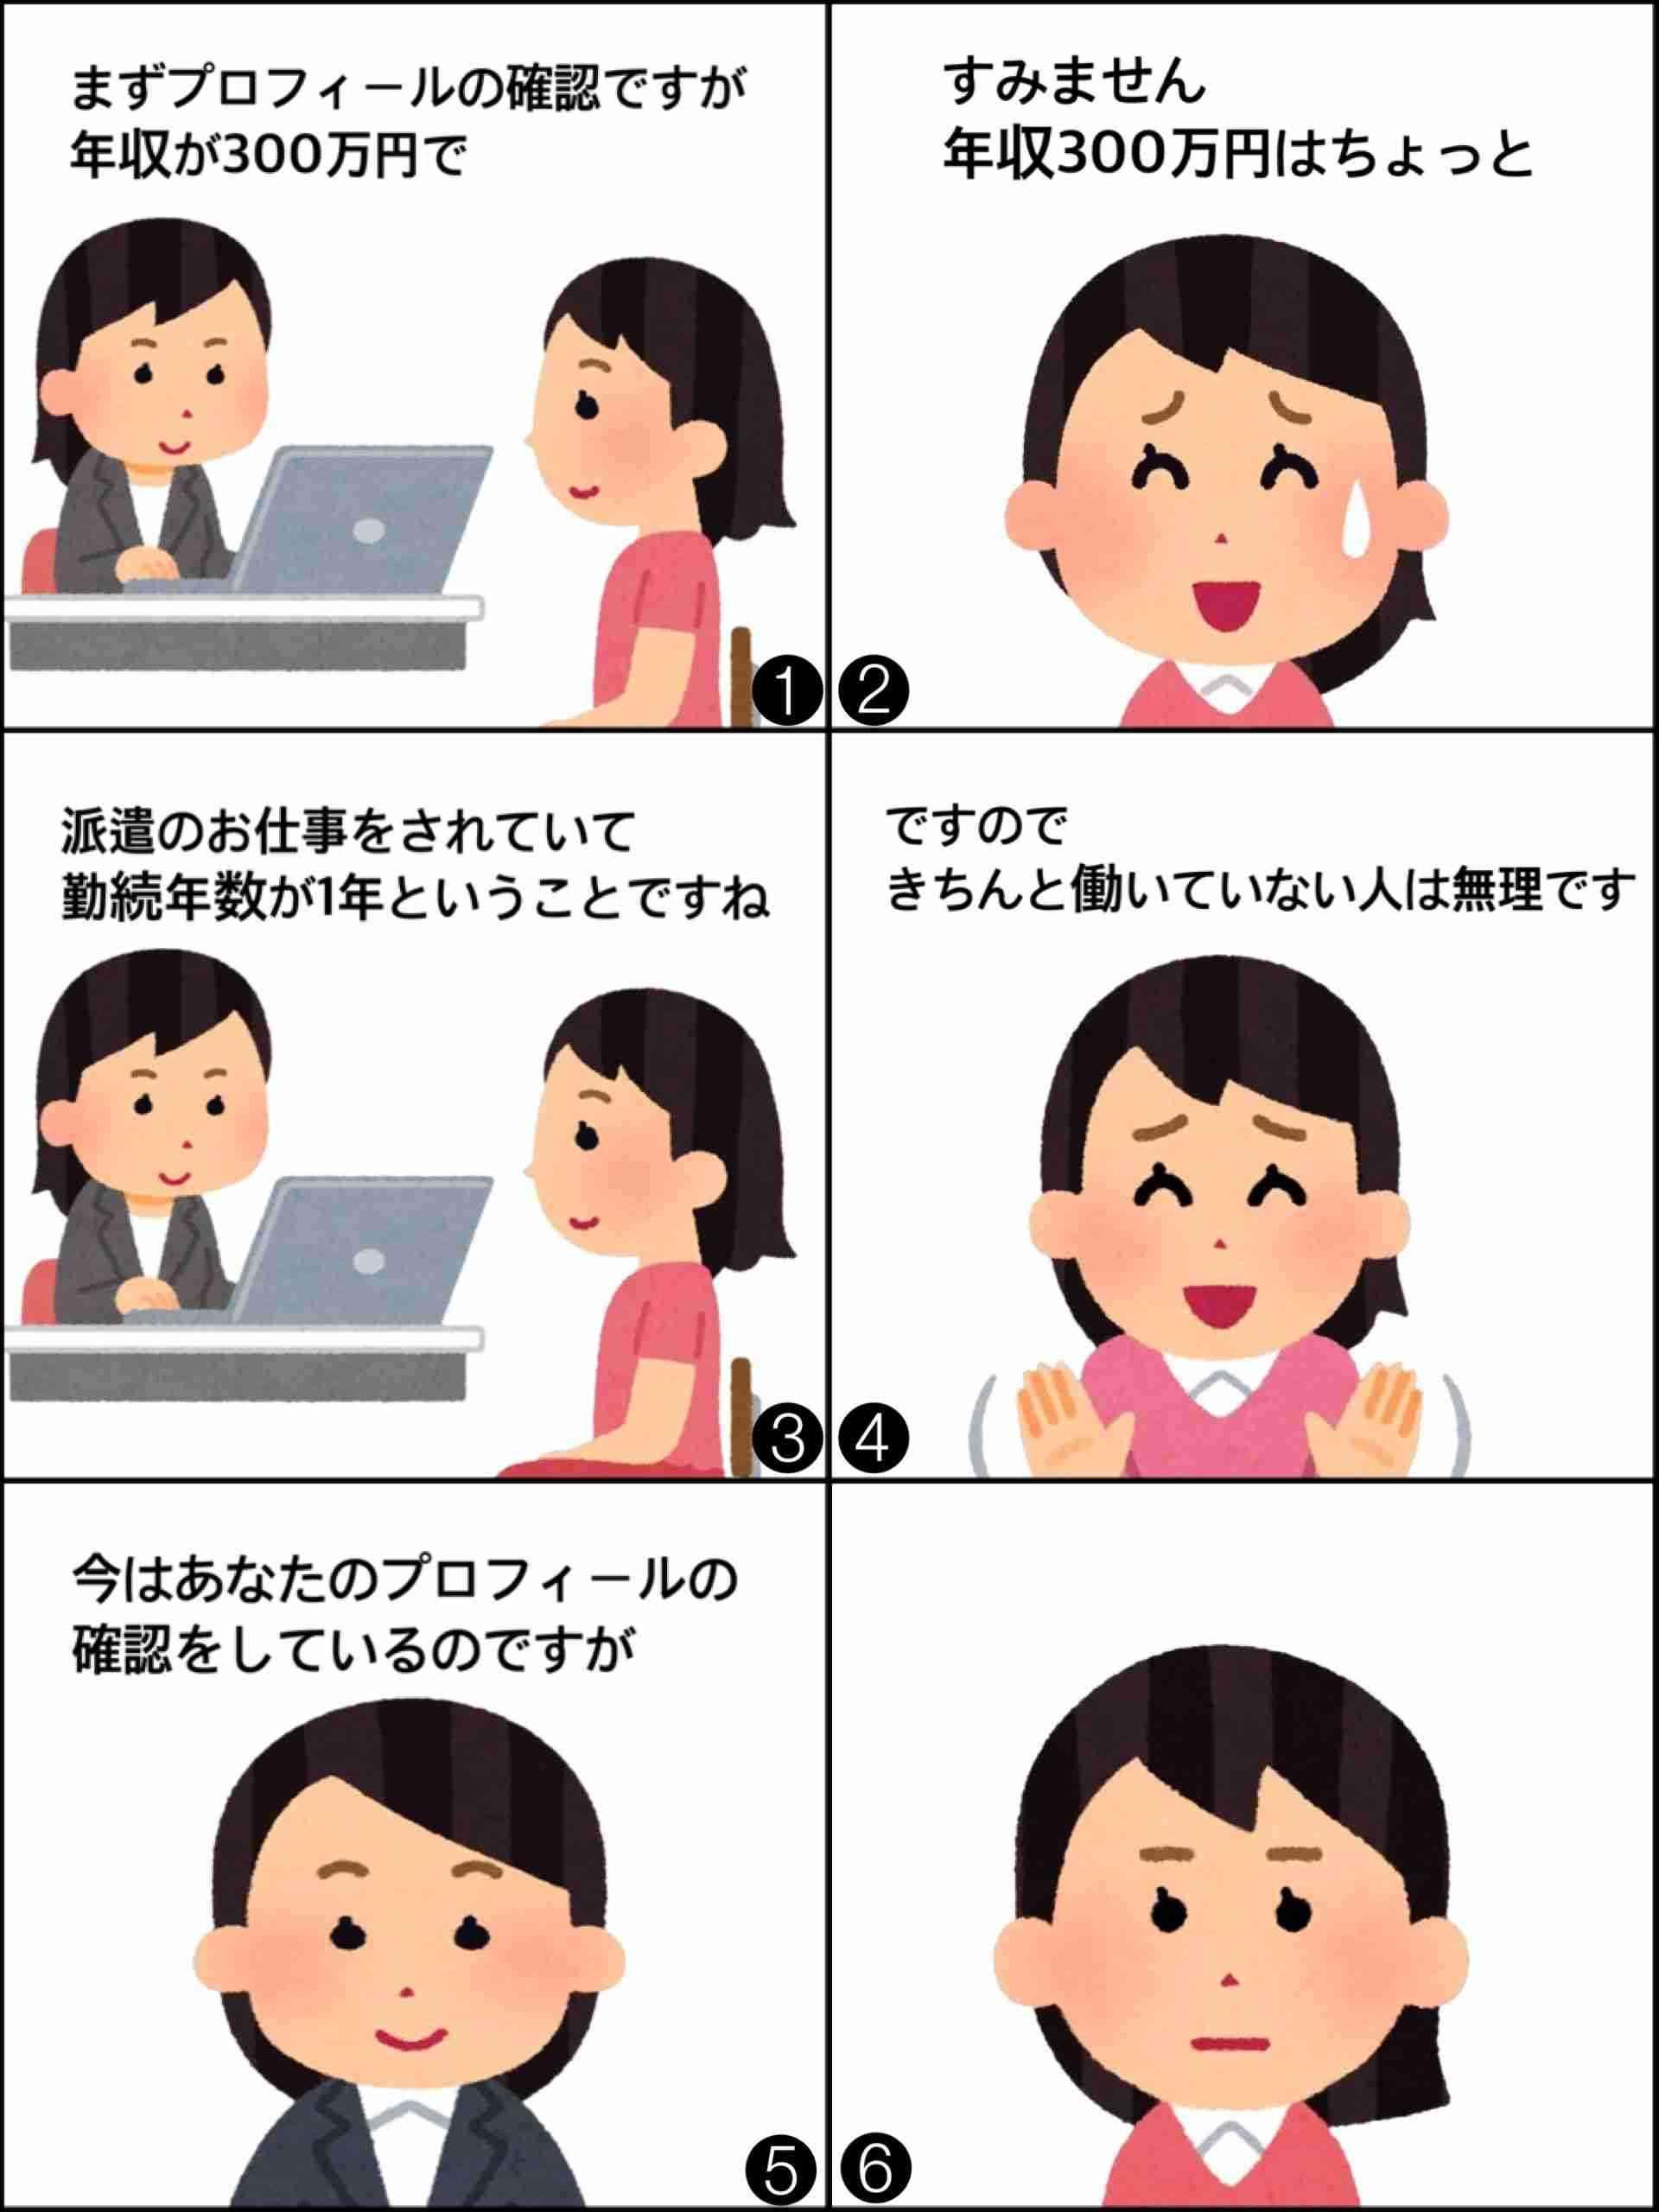 【雑談】非正規の人